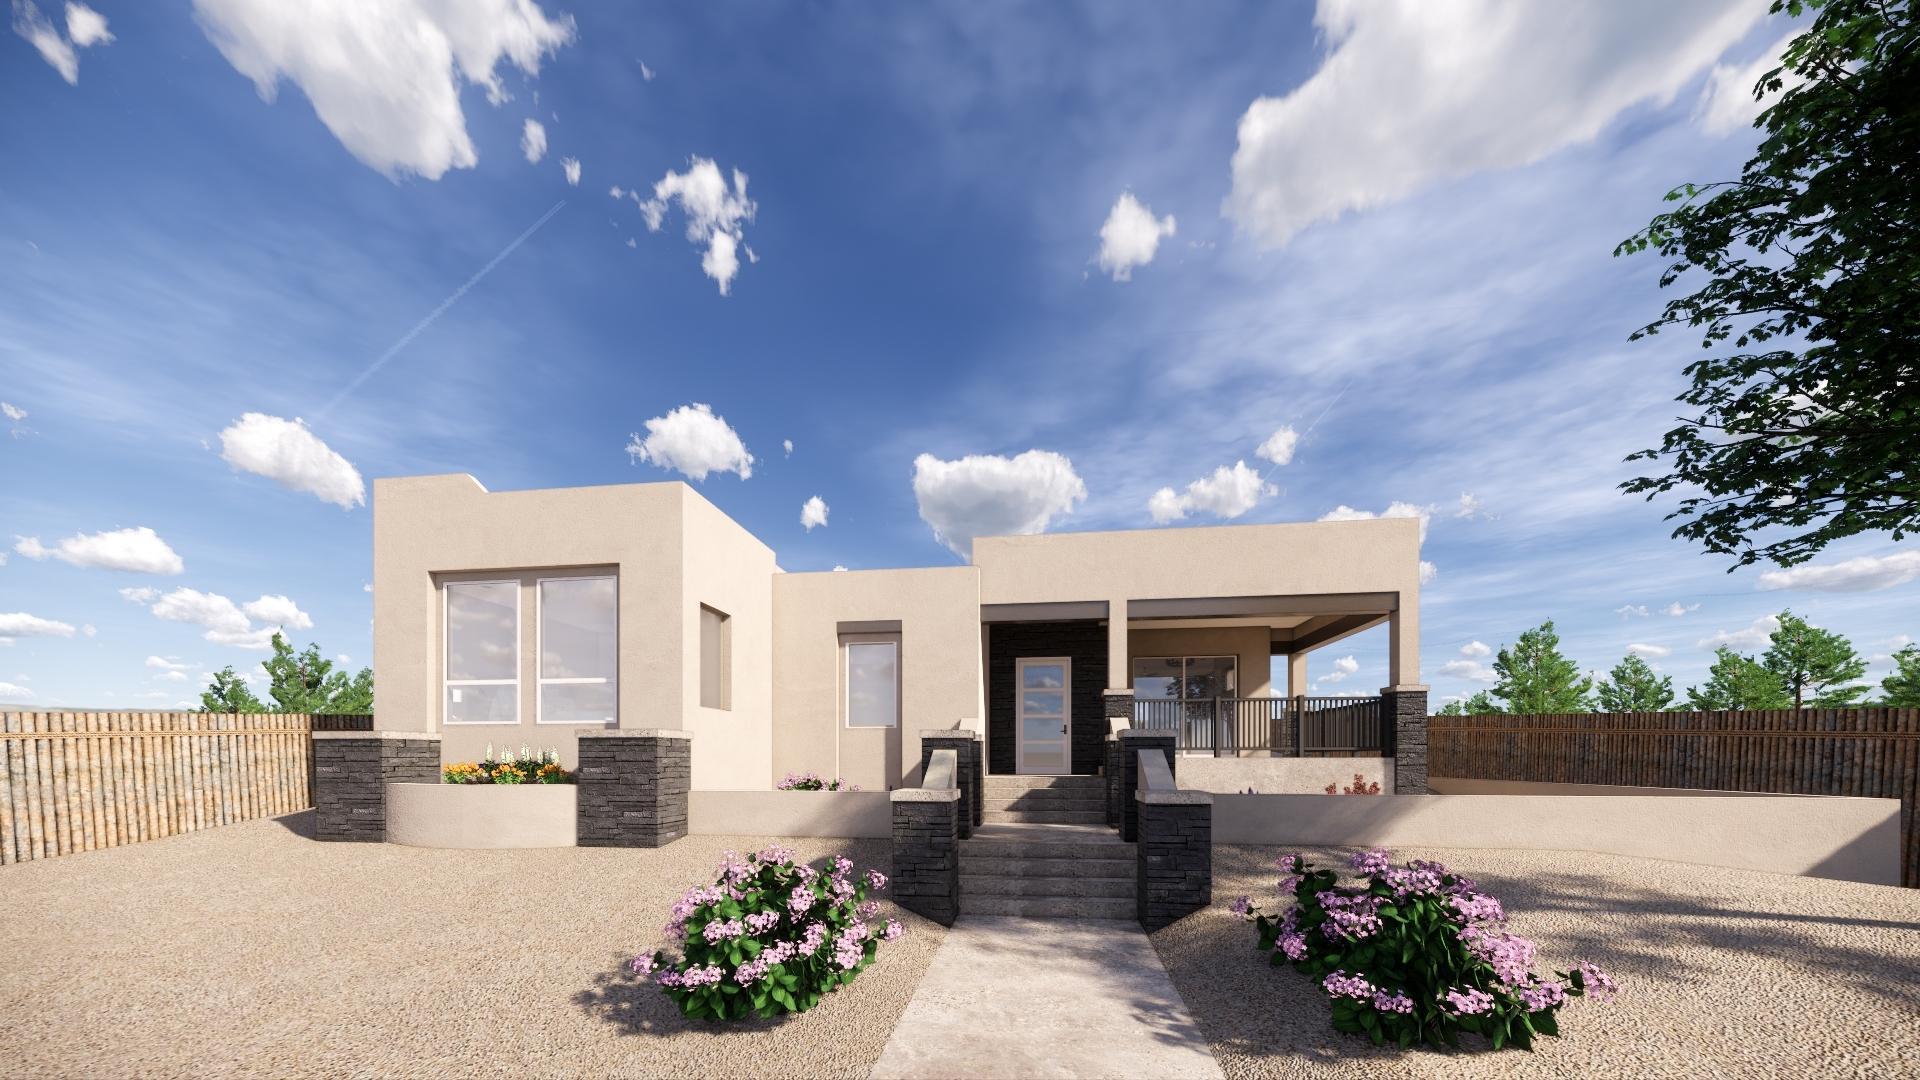 11 FLOWER GARLAND Road, Santa Fe, NM 87508 - Santa Fe, NM real estate listing